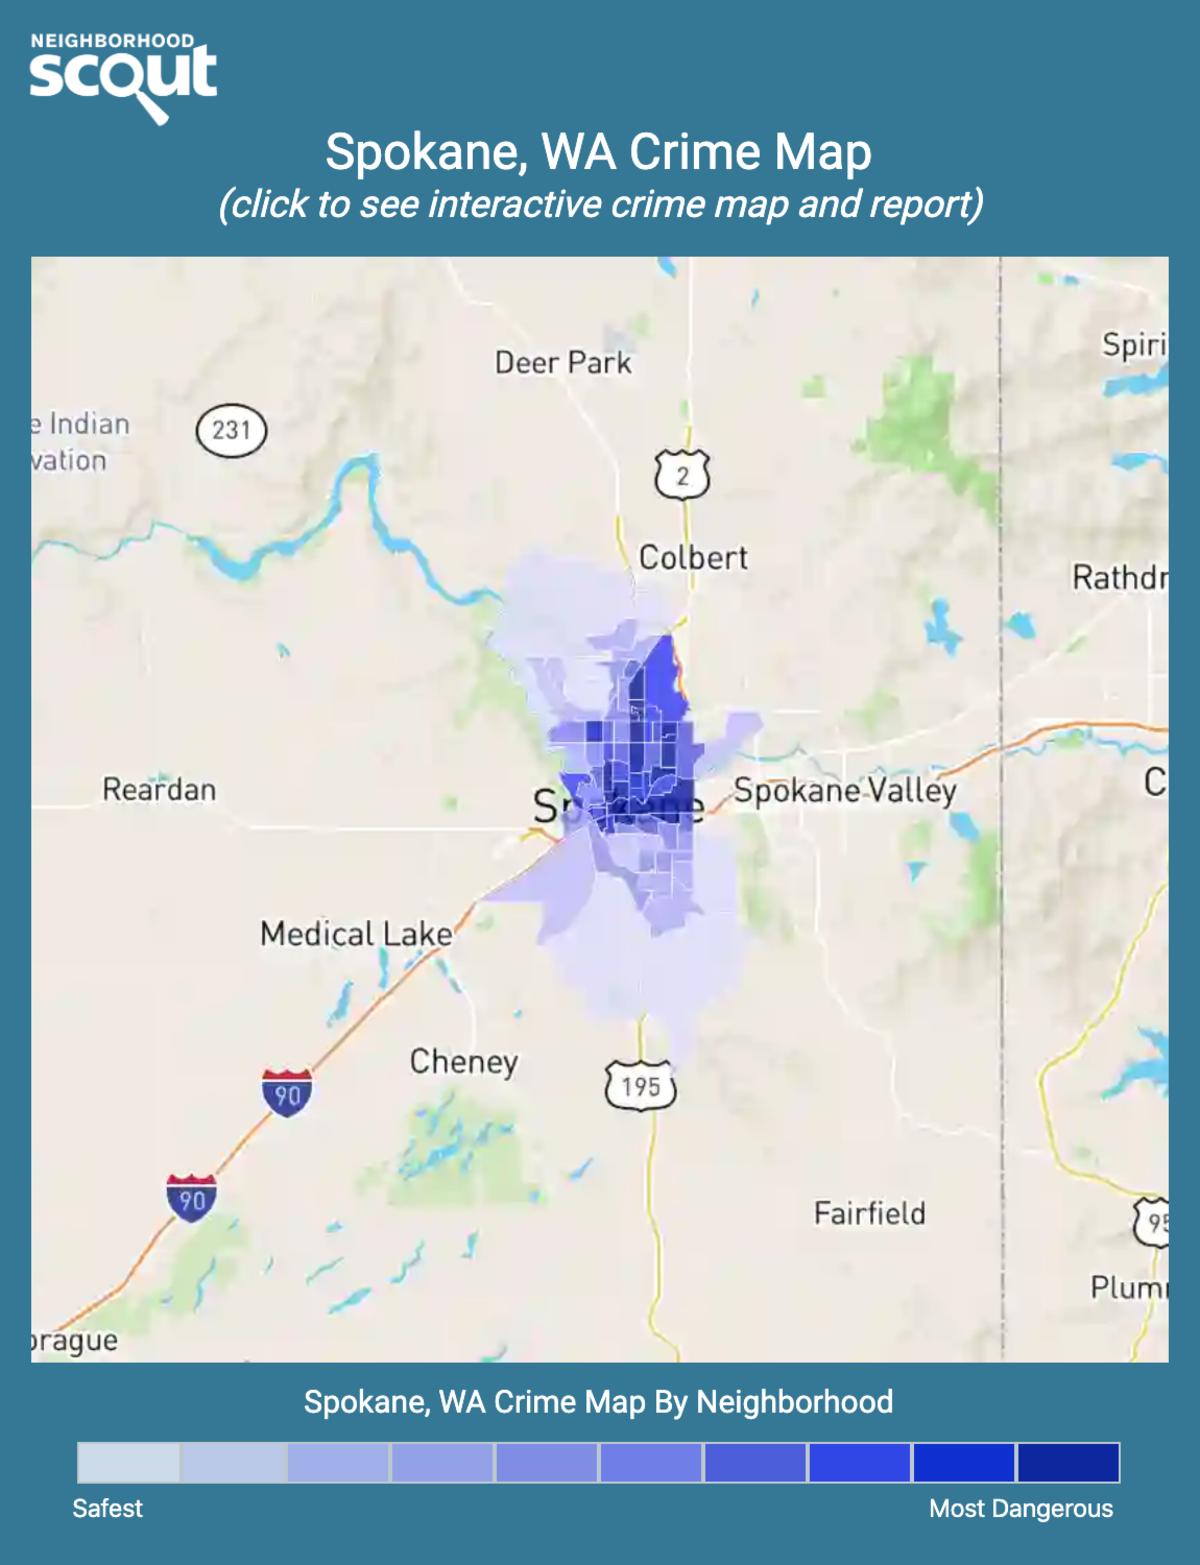 Spokane, Washington crime map